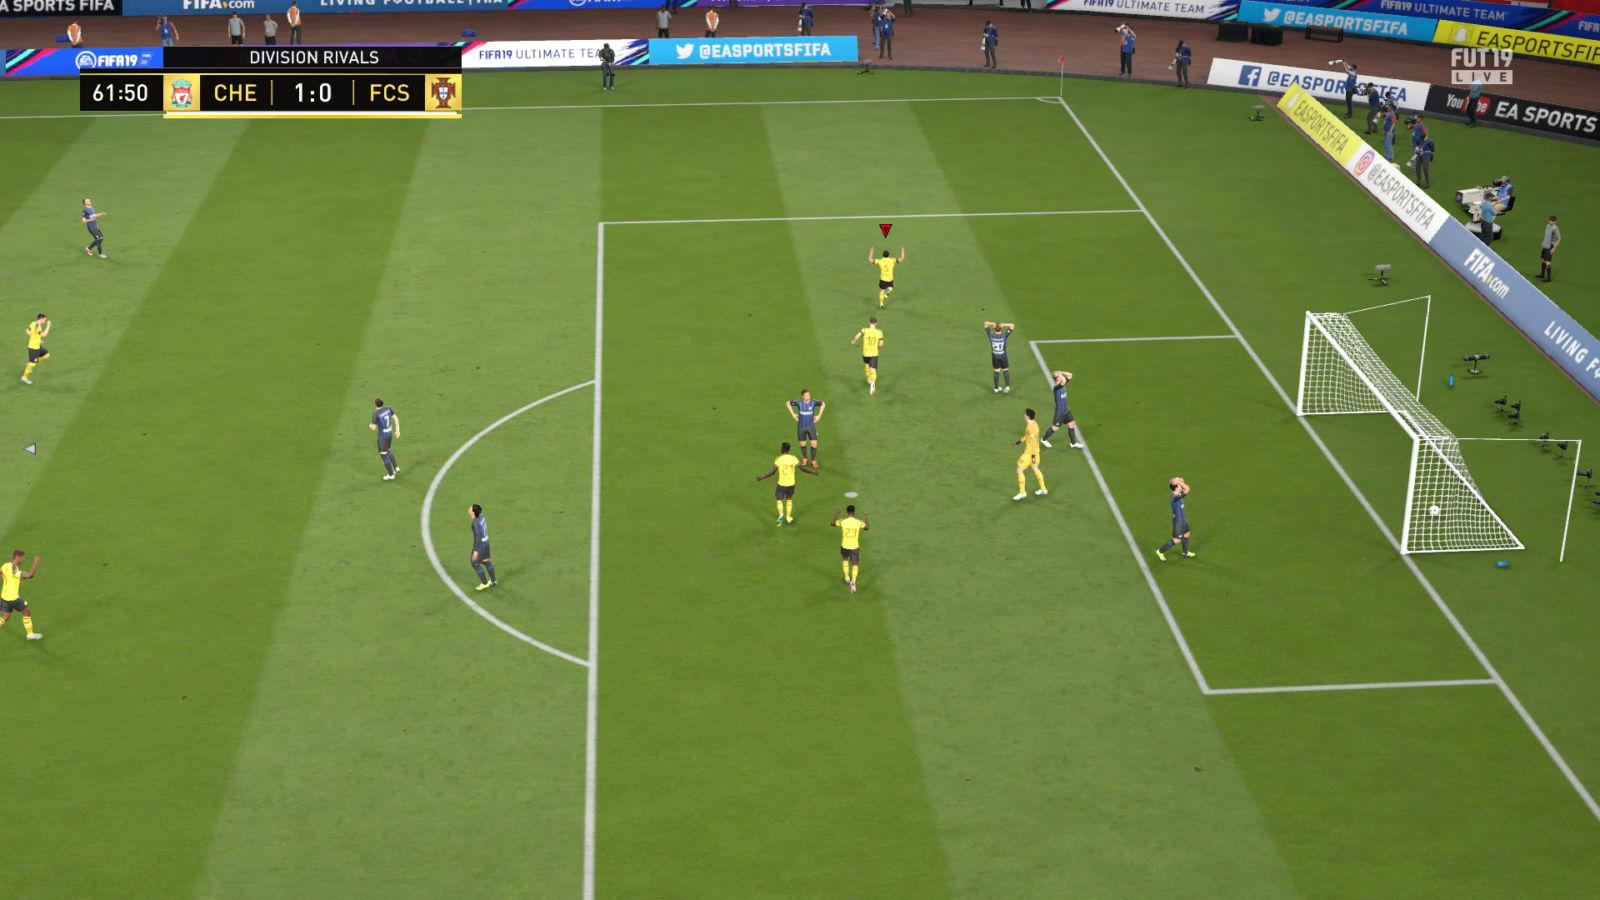 Fifa 19 Flachschuss